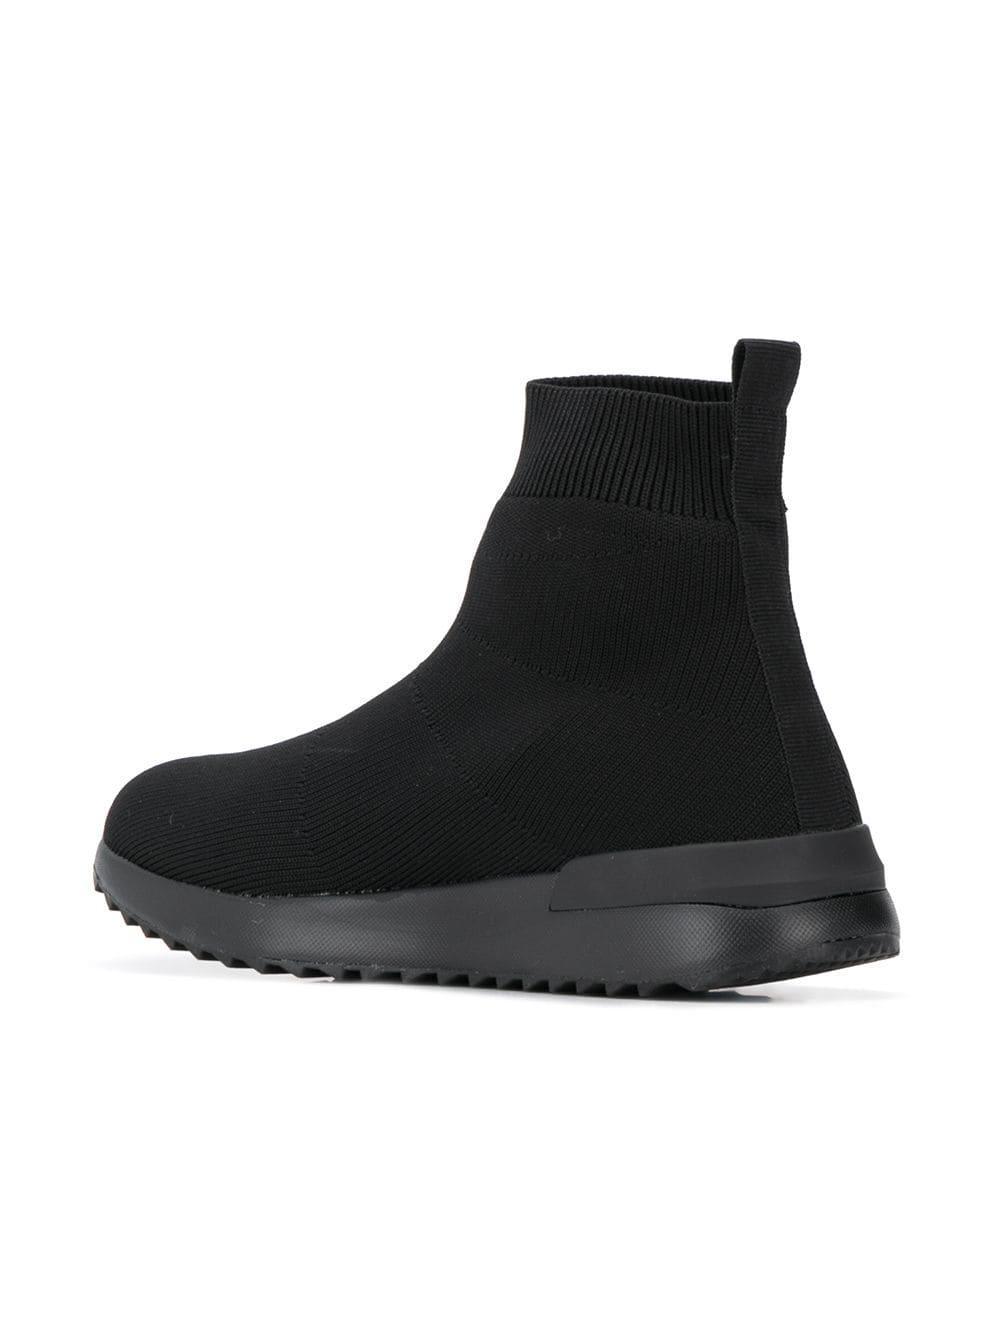 Versace Jeans Black Sock Sneakers